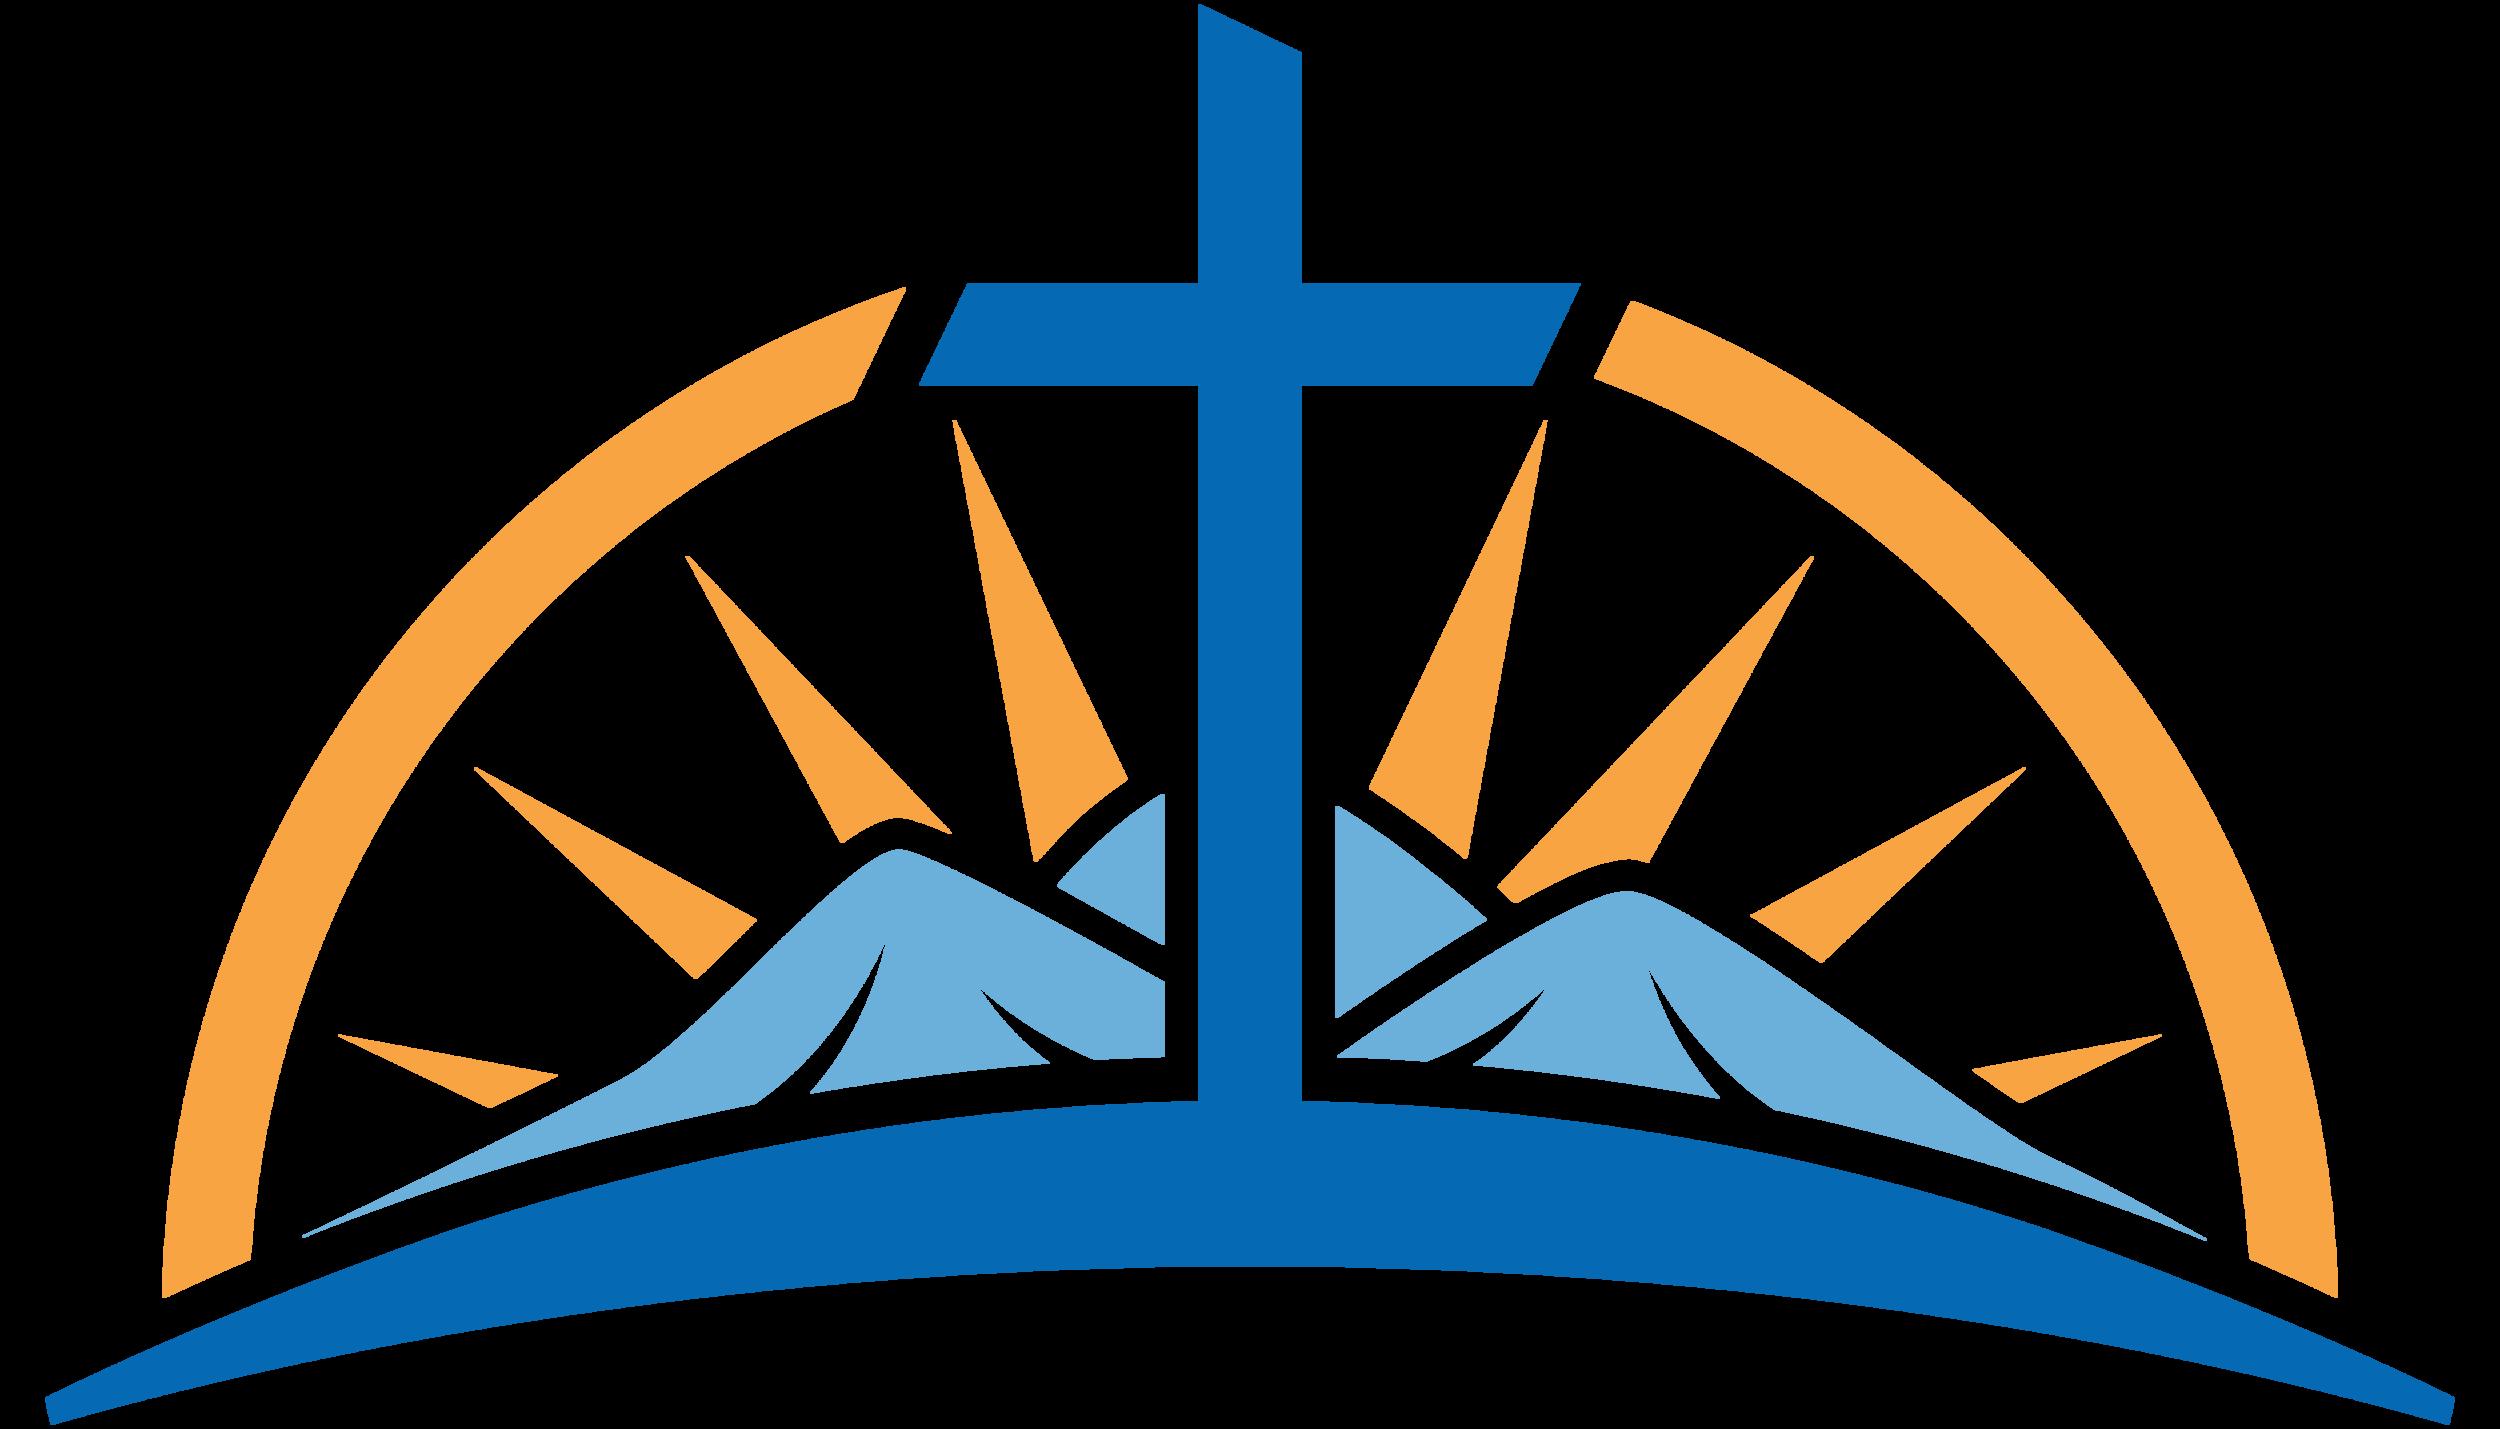 logo-symbol-color-large.png